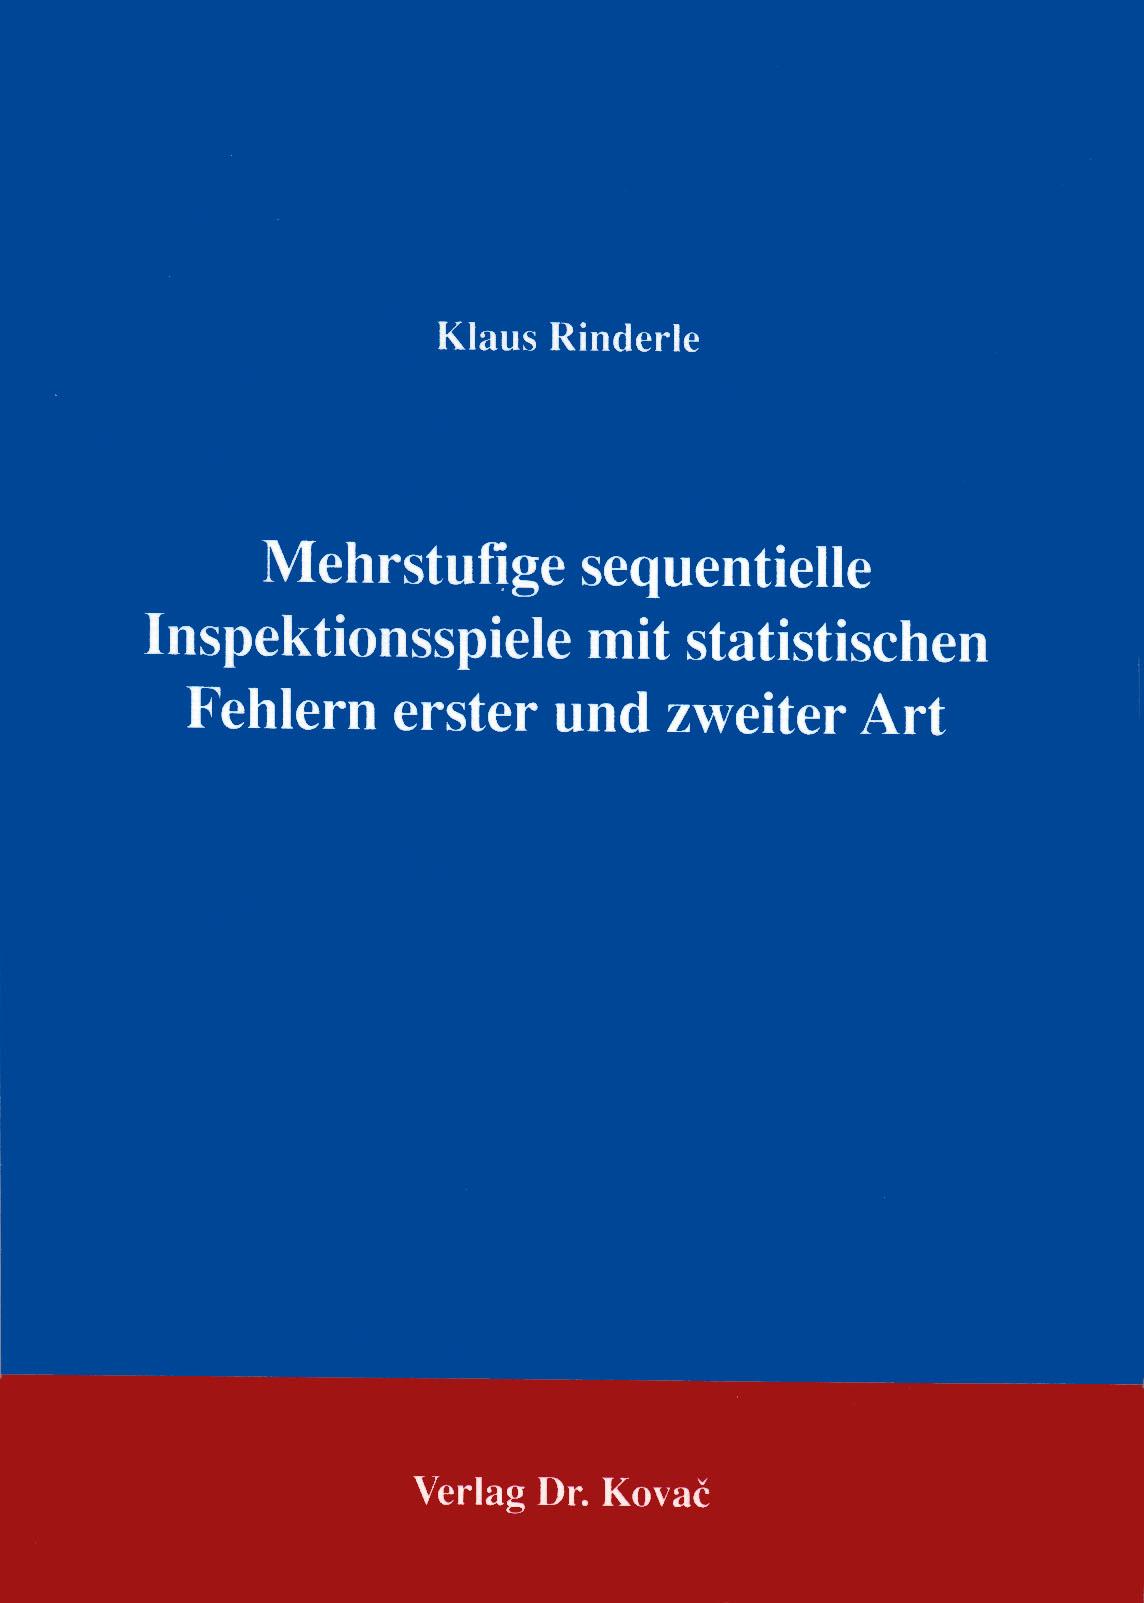 Cover: Mehrstufige sequentielle Inspektionsspiele mit statistischen Fehlern erster und zweiter Art